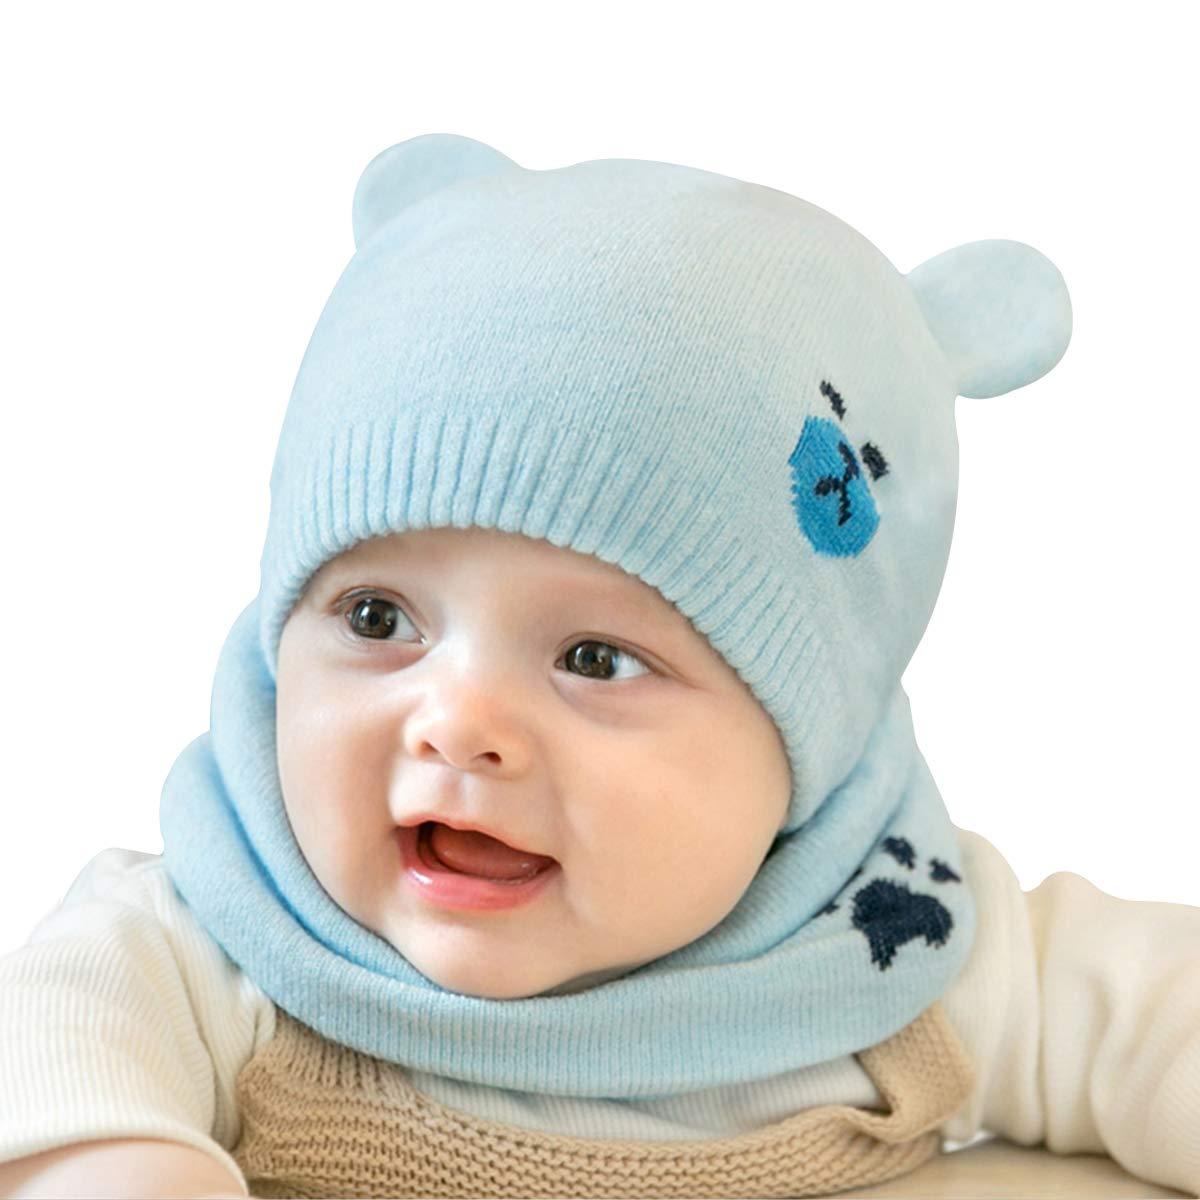 cjixnji Baby Kinder Winter Warm Gestrickter Mü tze Schal Sets, Kleinkind Kinder Warme Beanie Mü tze Weiche Baumwollkaps Schals Hü te fü r Baby Mä dchen Jungen Sä uglings Kinder 0-36 Monate